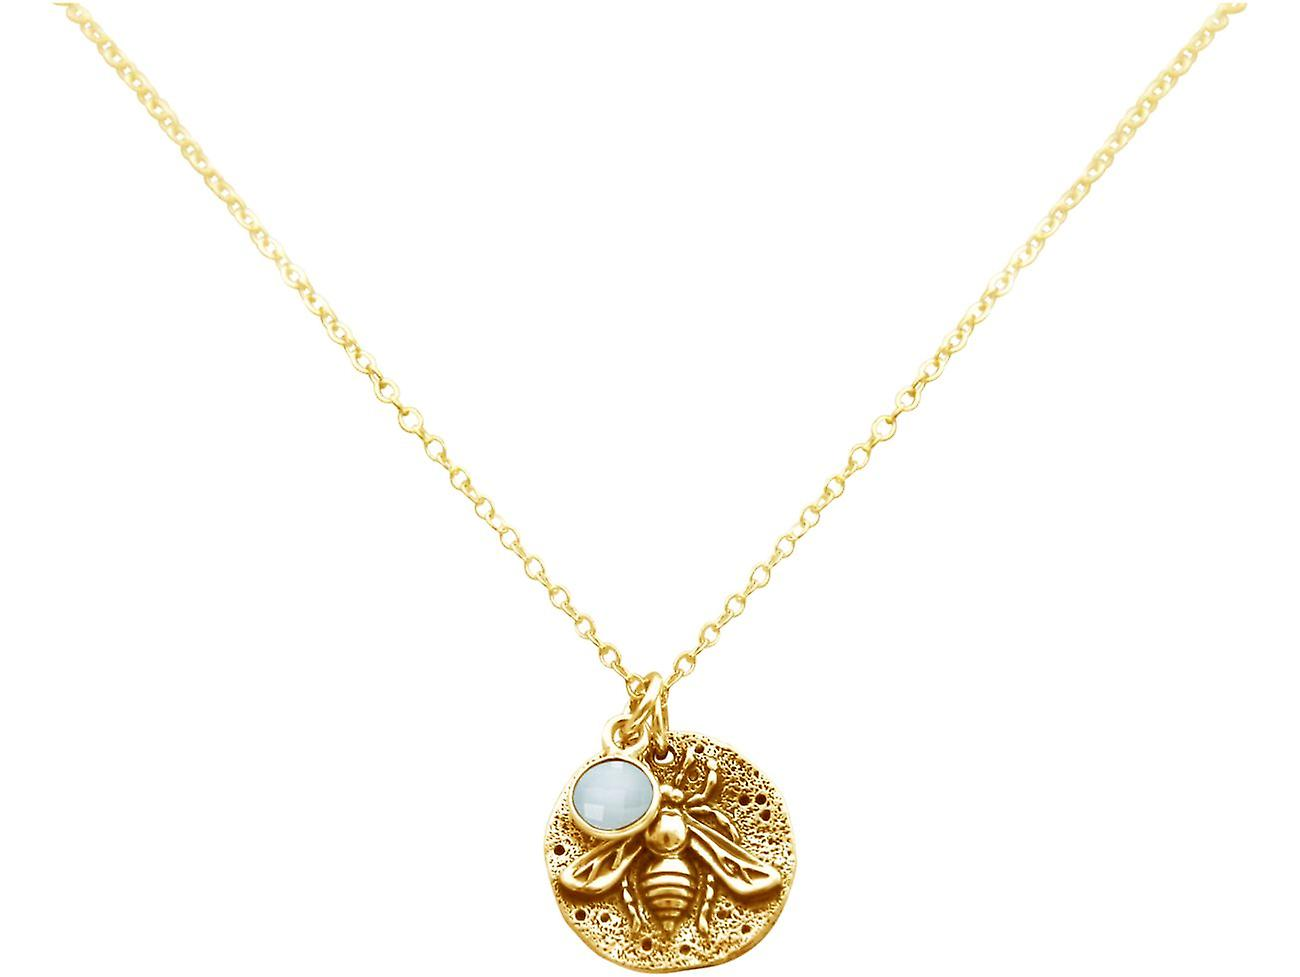 Gemshine BIENE Halskette Münze Anhänger 925 Silber, vergoldet, rose - Chalcedon